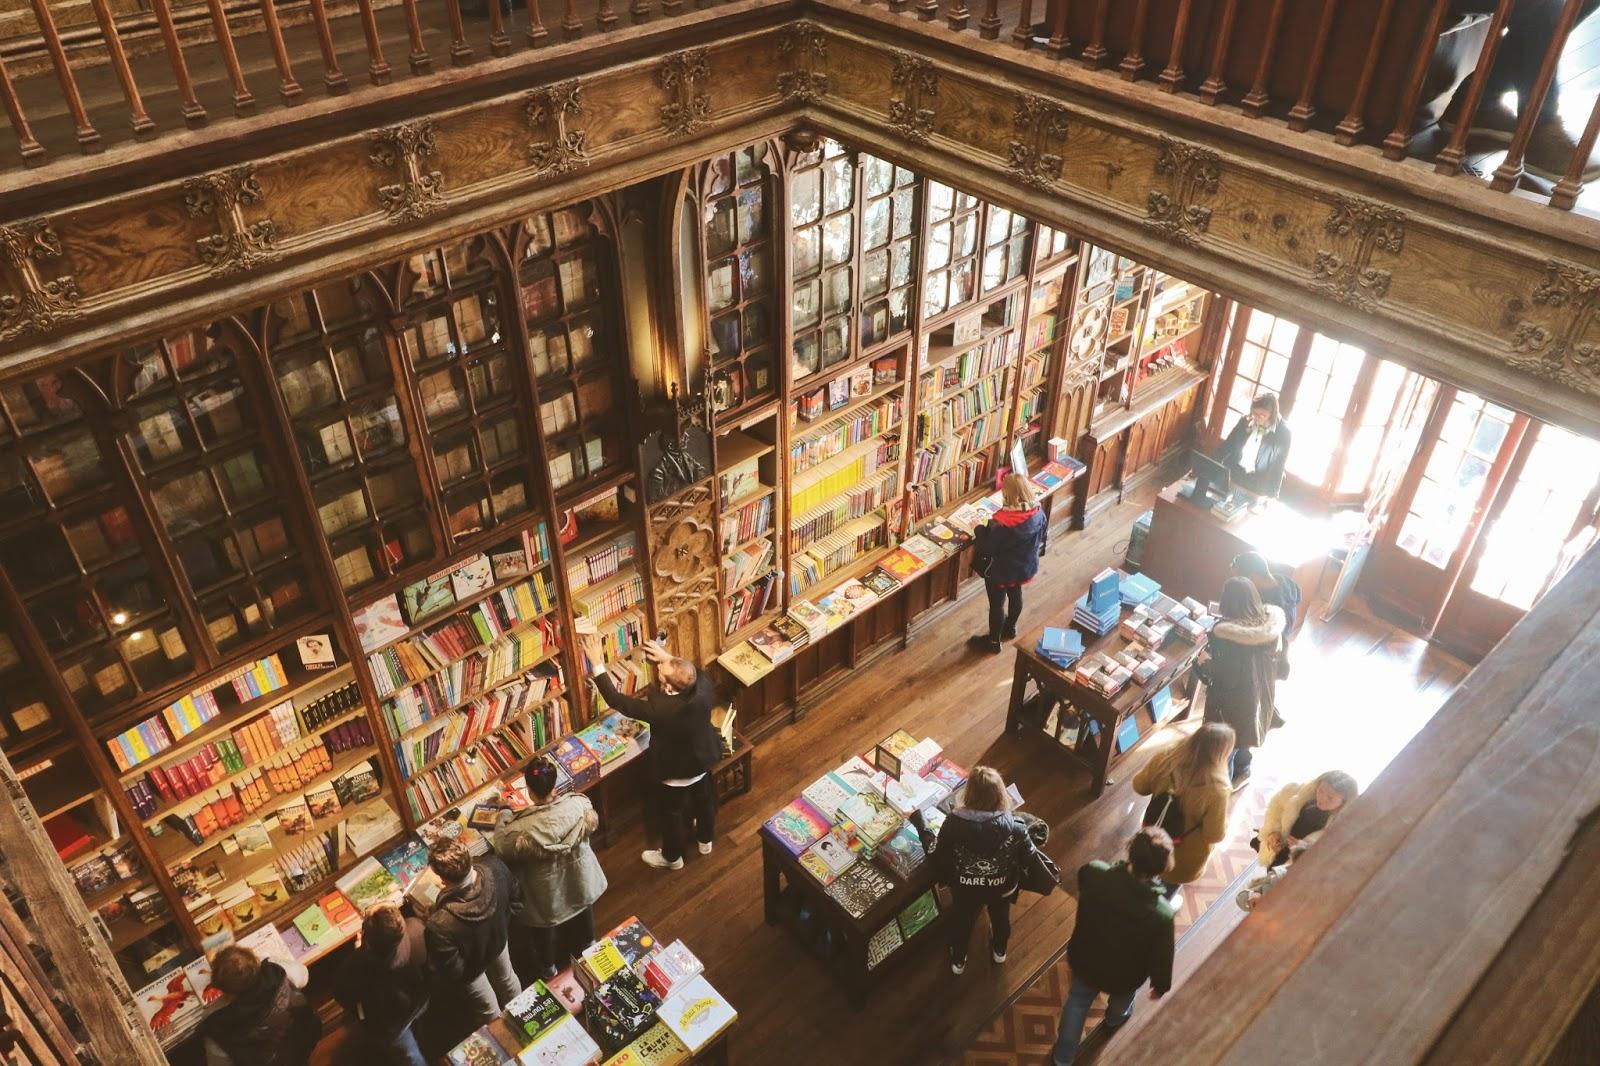 najpiękniejsze księgarnie świata